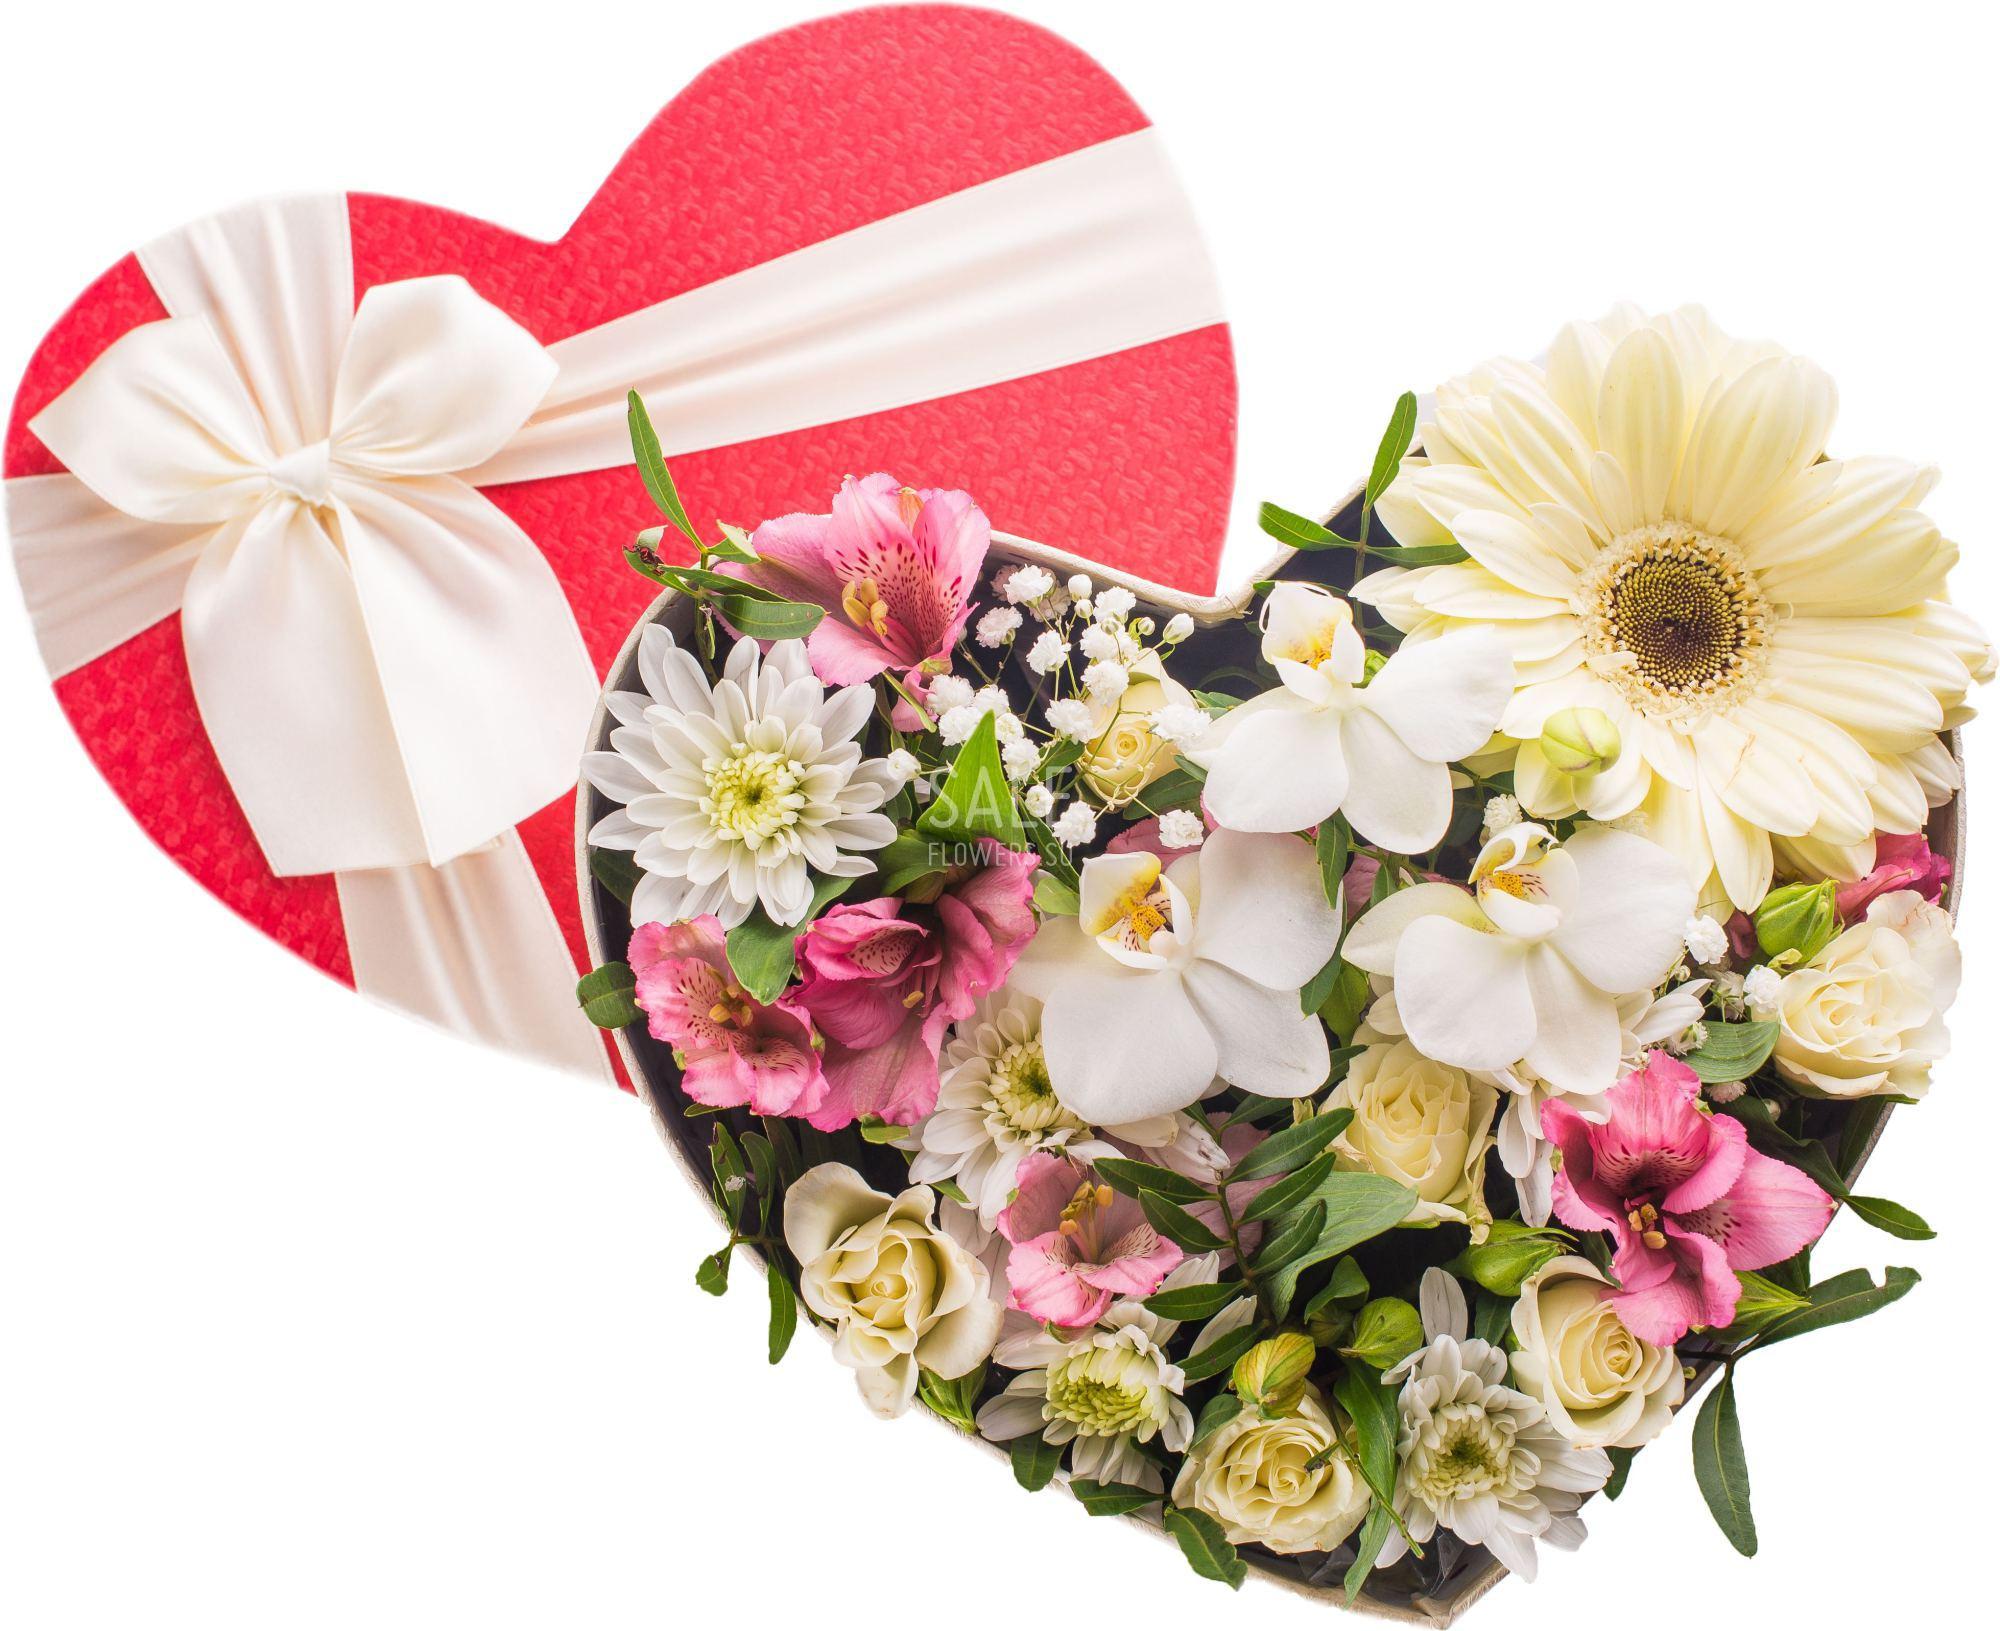 Купить цветы в екатеринбурге дешево зоологическая доставка цветов в городе троицк